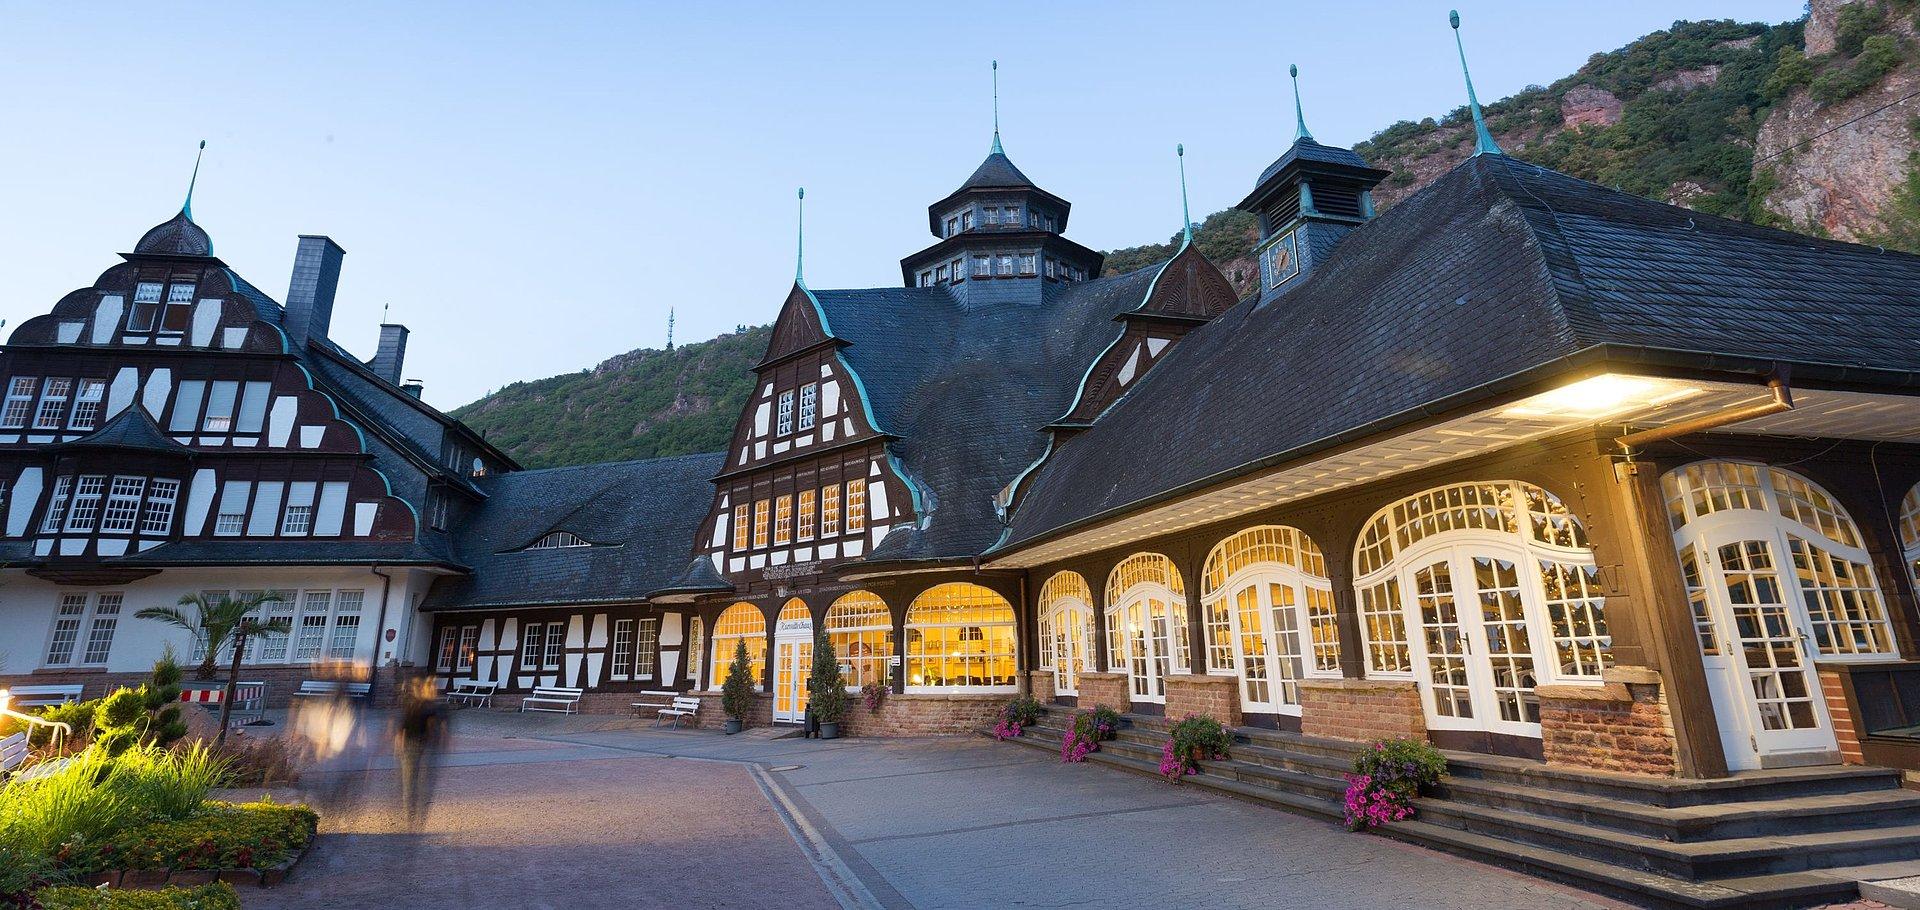 In het Kurmittelhaus in Münster bij Stein-Ebernburg bevinden zich aangename geneeskrachtige bronnen, Nahe-regio